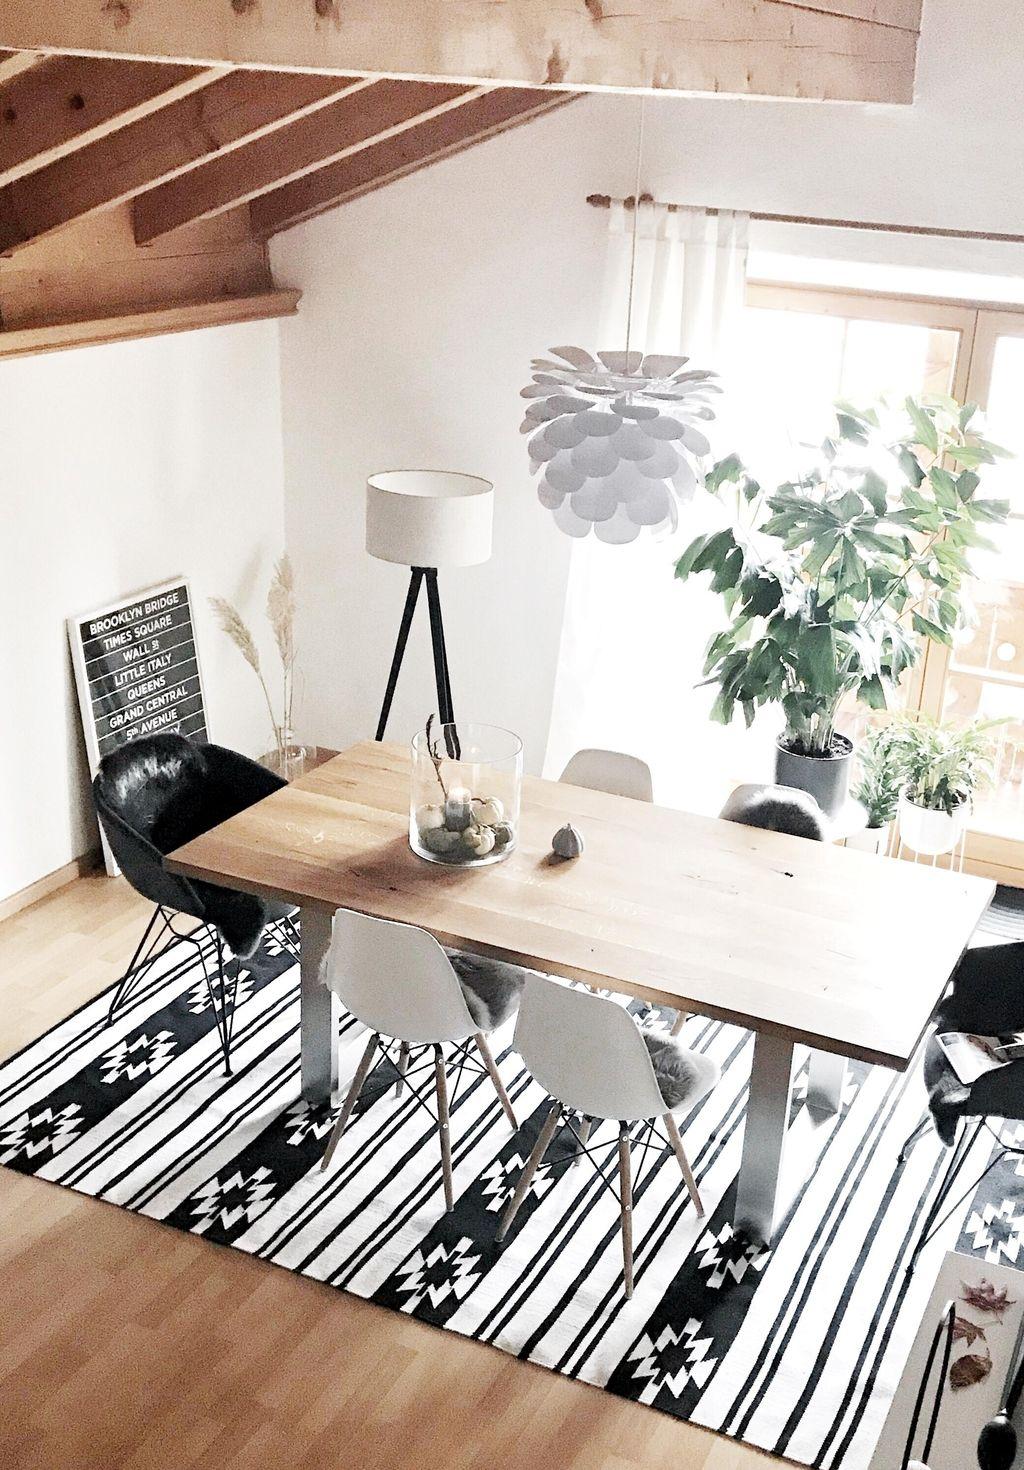 Neuzugang fürs Esszimmer 🖤 #kelim #teppich #schwarzweiss #interior #living #holz #tisch # ...